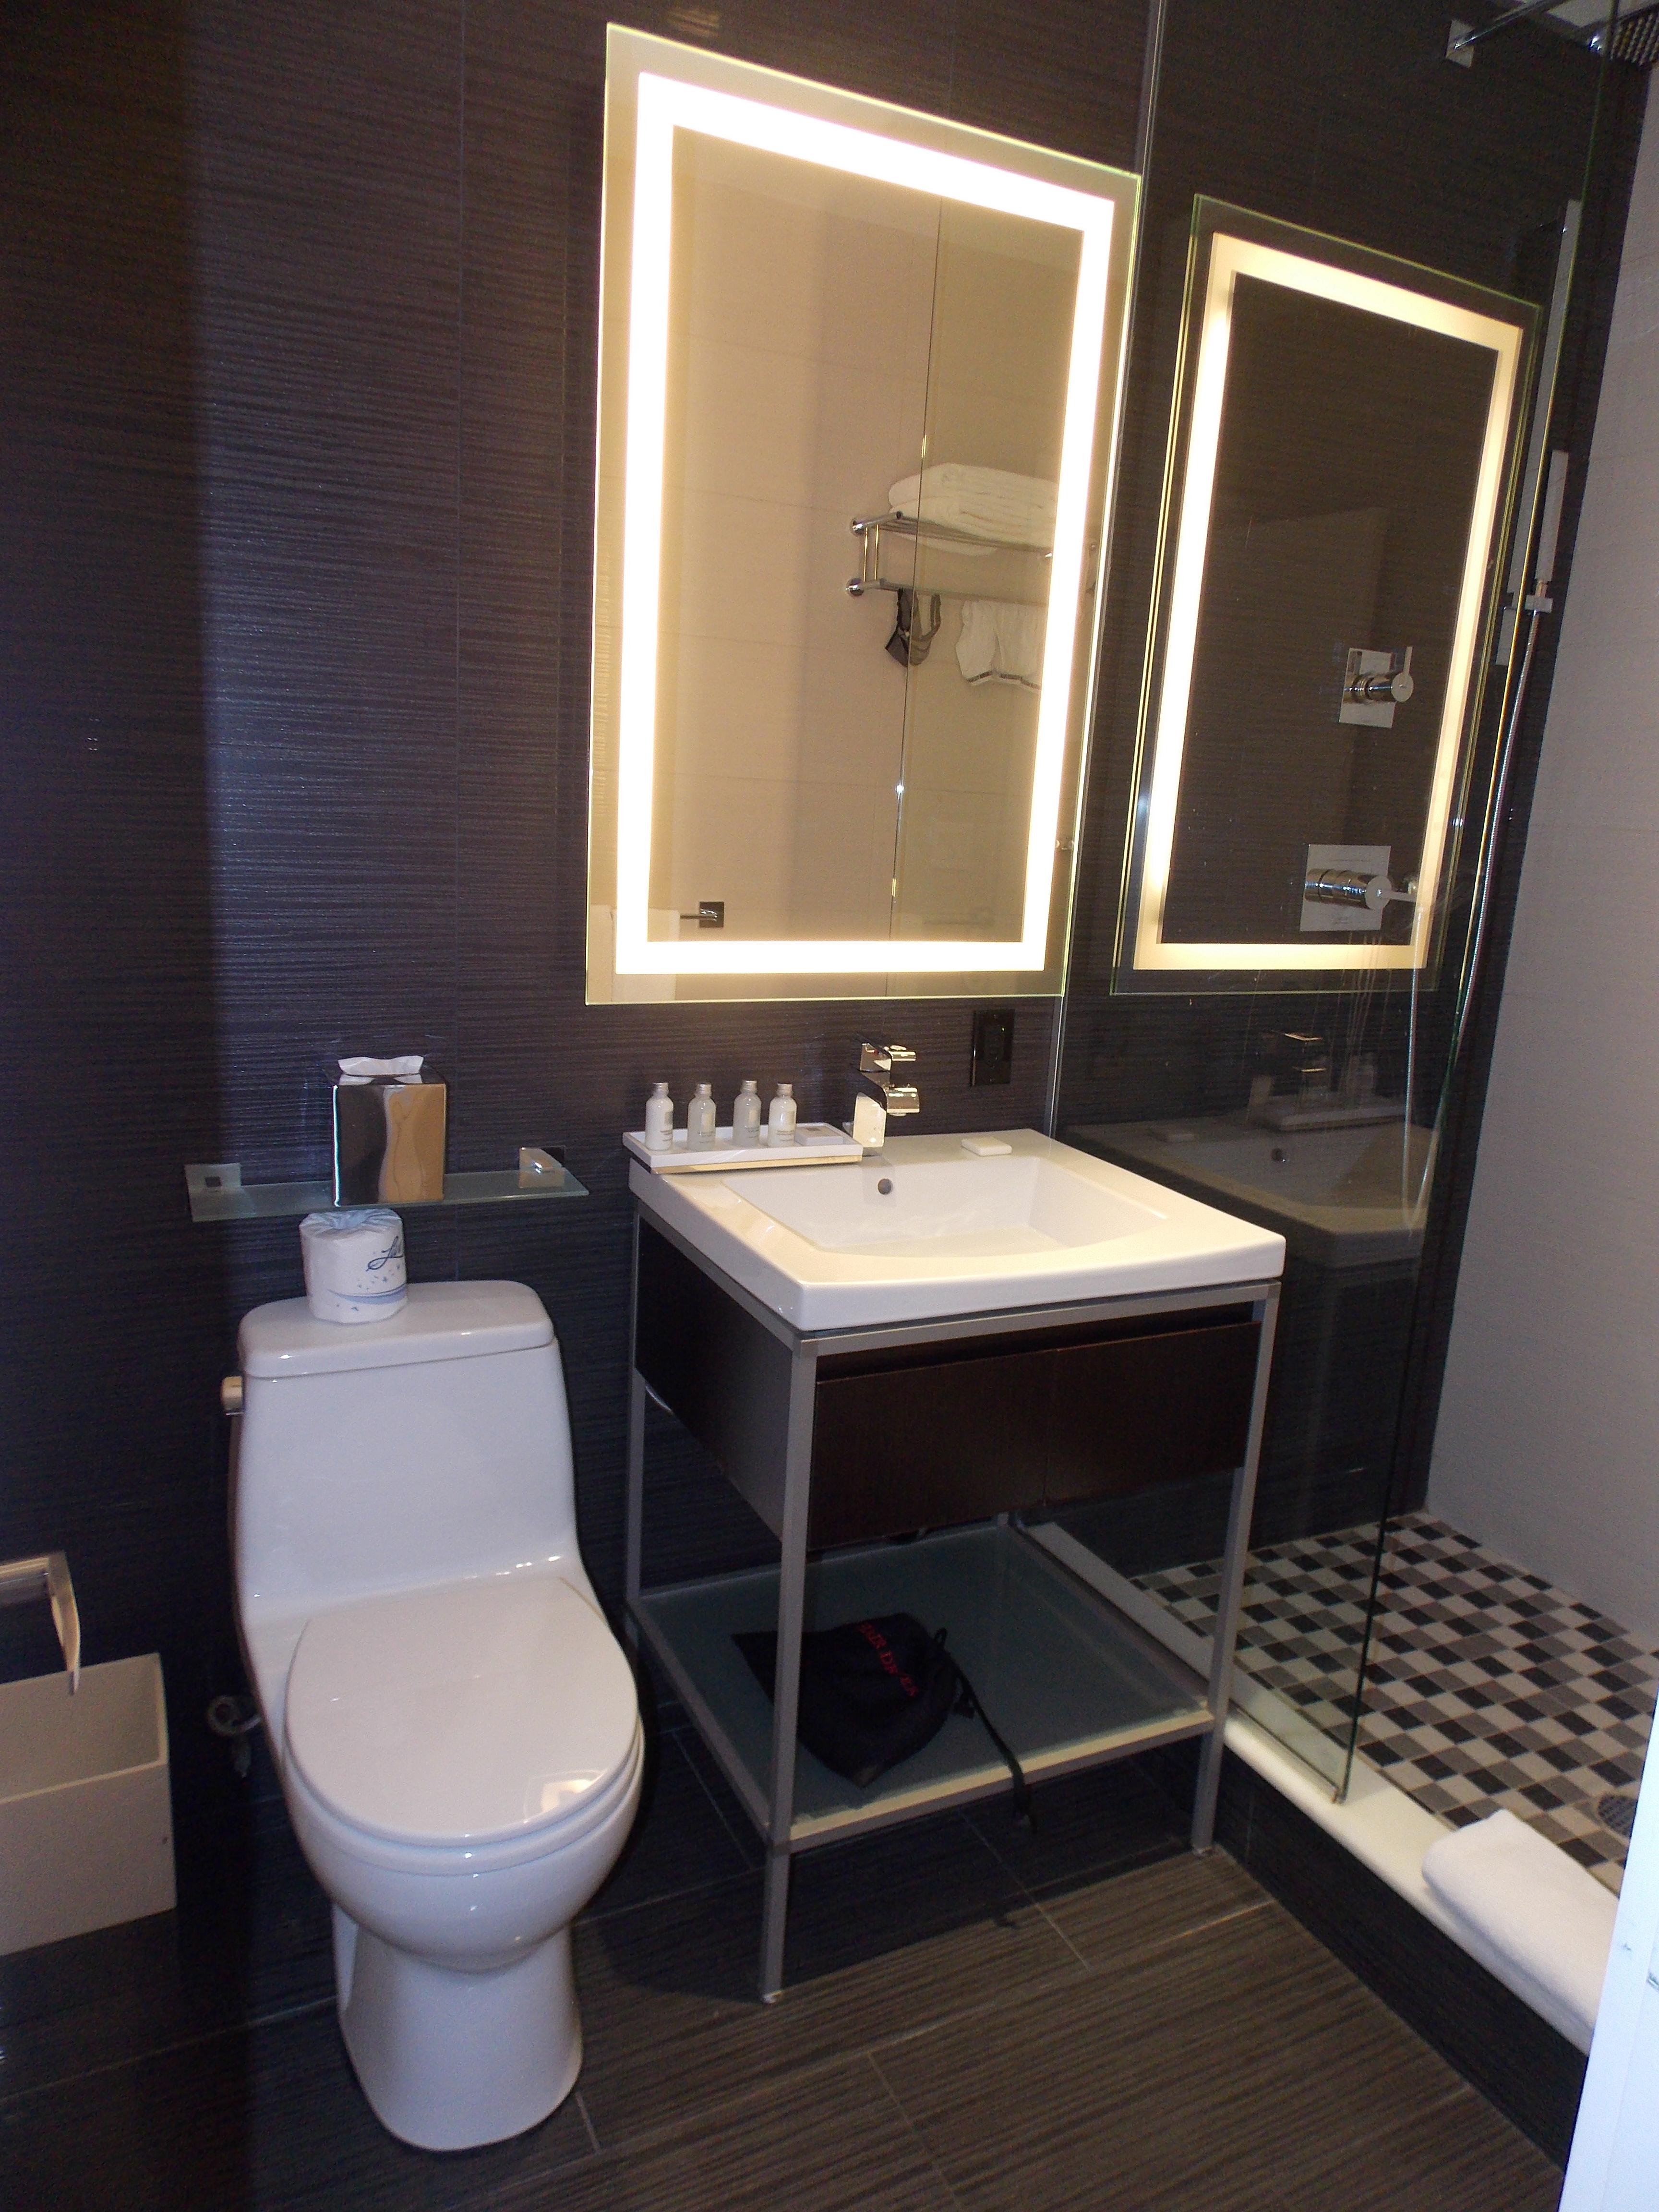 Related Pictures banheiros pequenos simples decorados #936E38 3456 4608